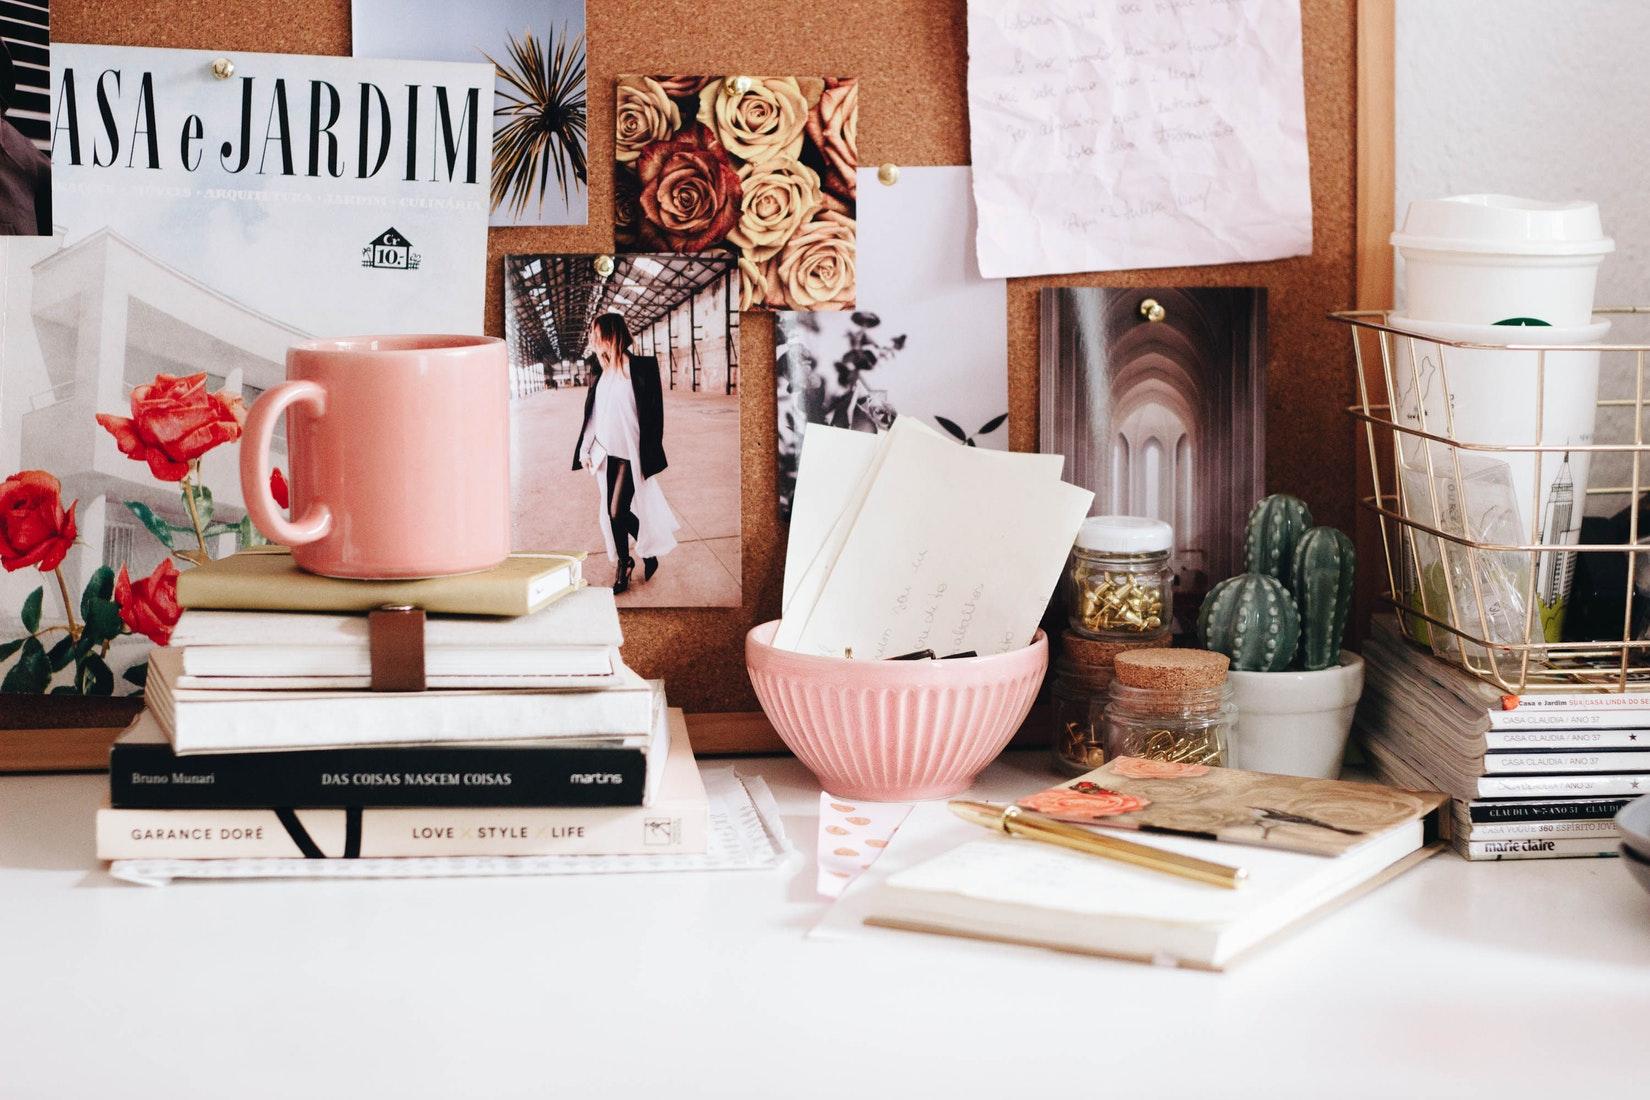 biurko - artykuły piśmiennicze